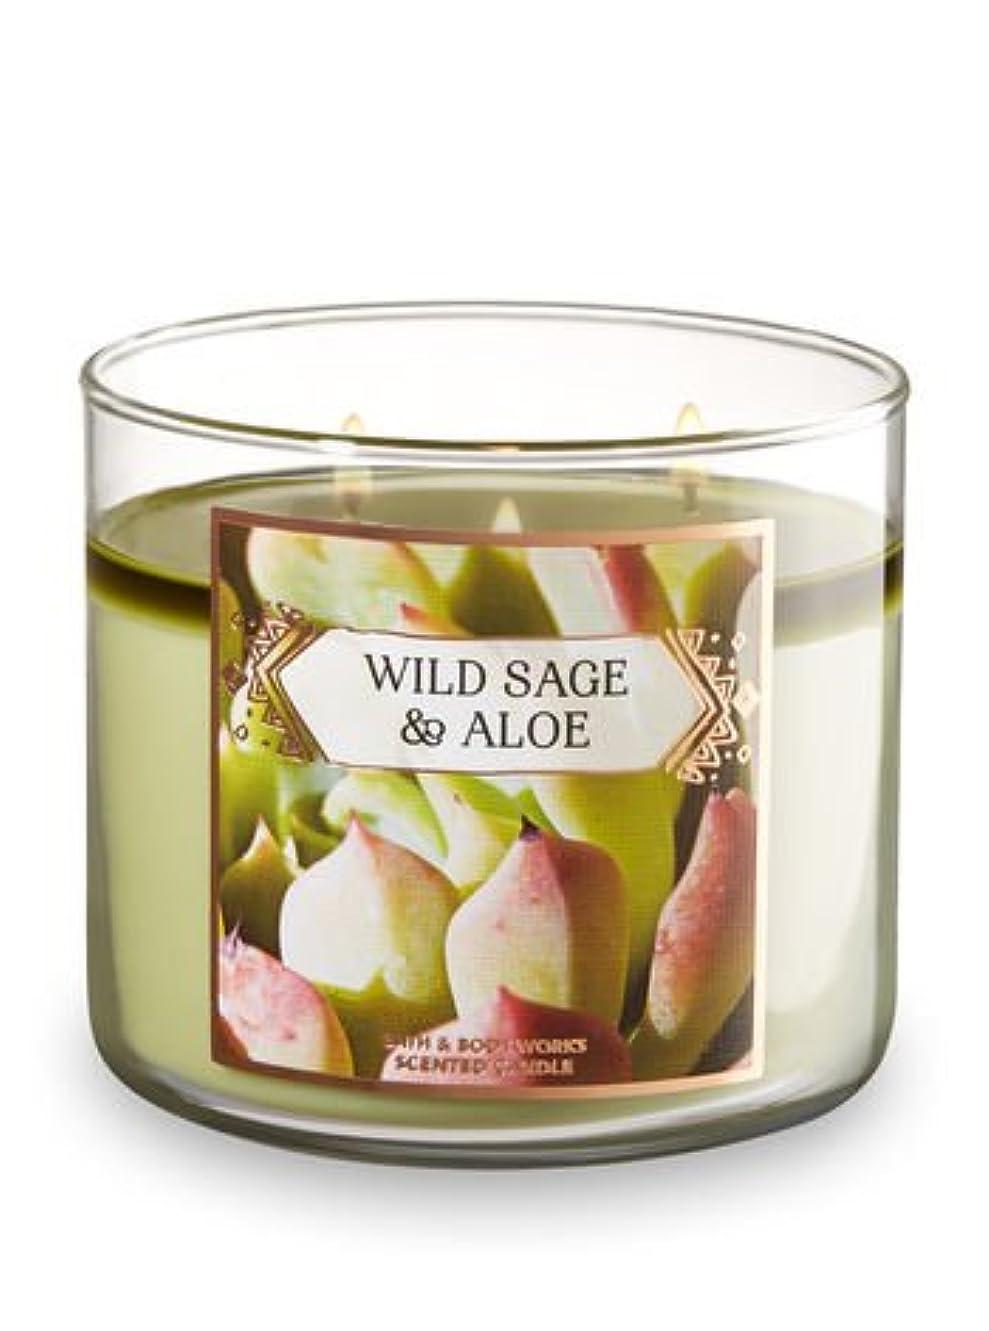 ジャム宣言する餌Bath and Body Works Wild Sage andアロエ香りつき3-wick Candle 14.5オンス